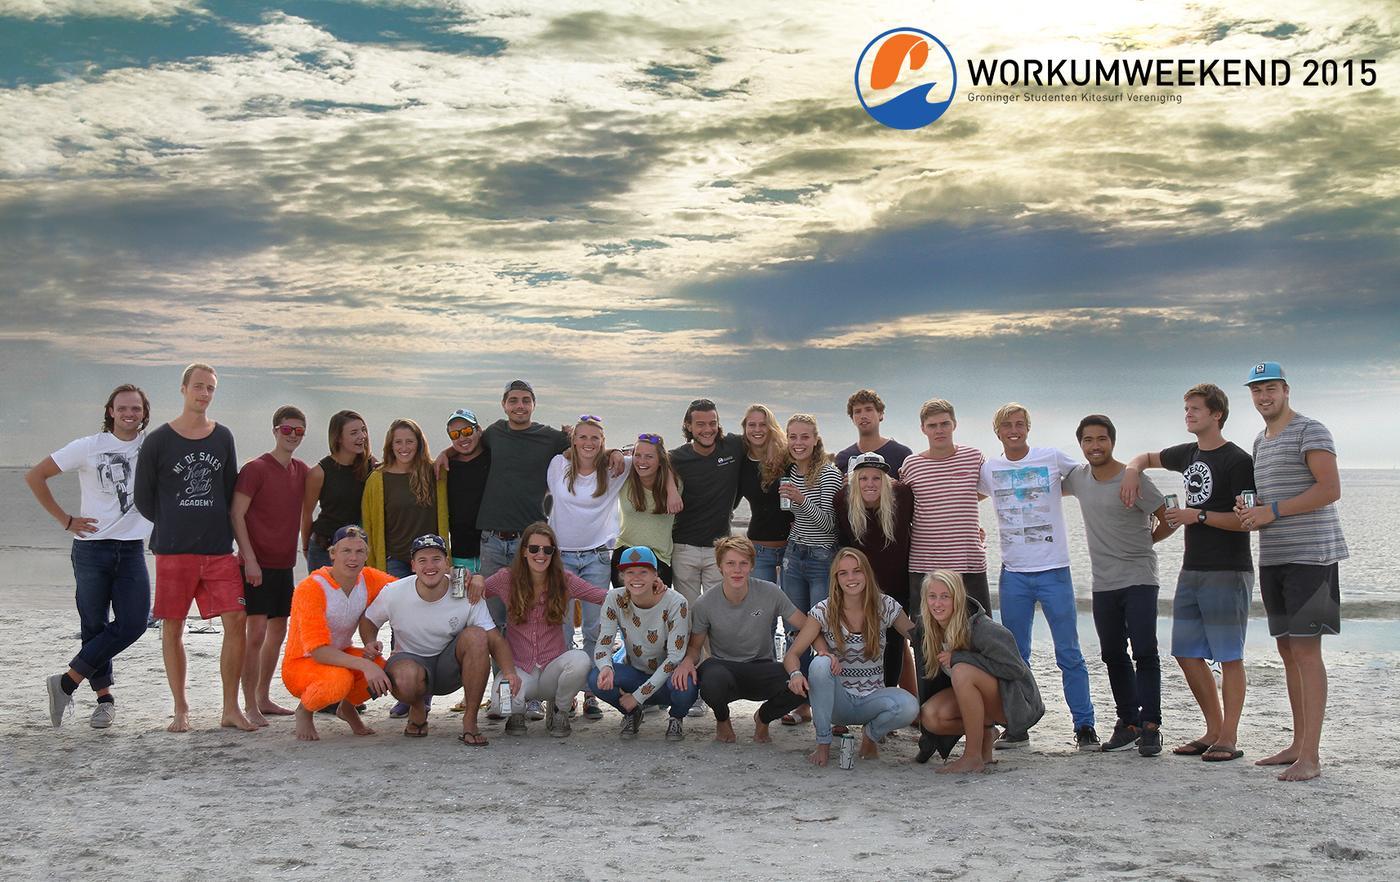 groepsfoto-workumweekend-2015-1080.jpg